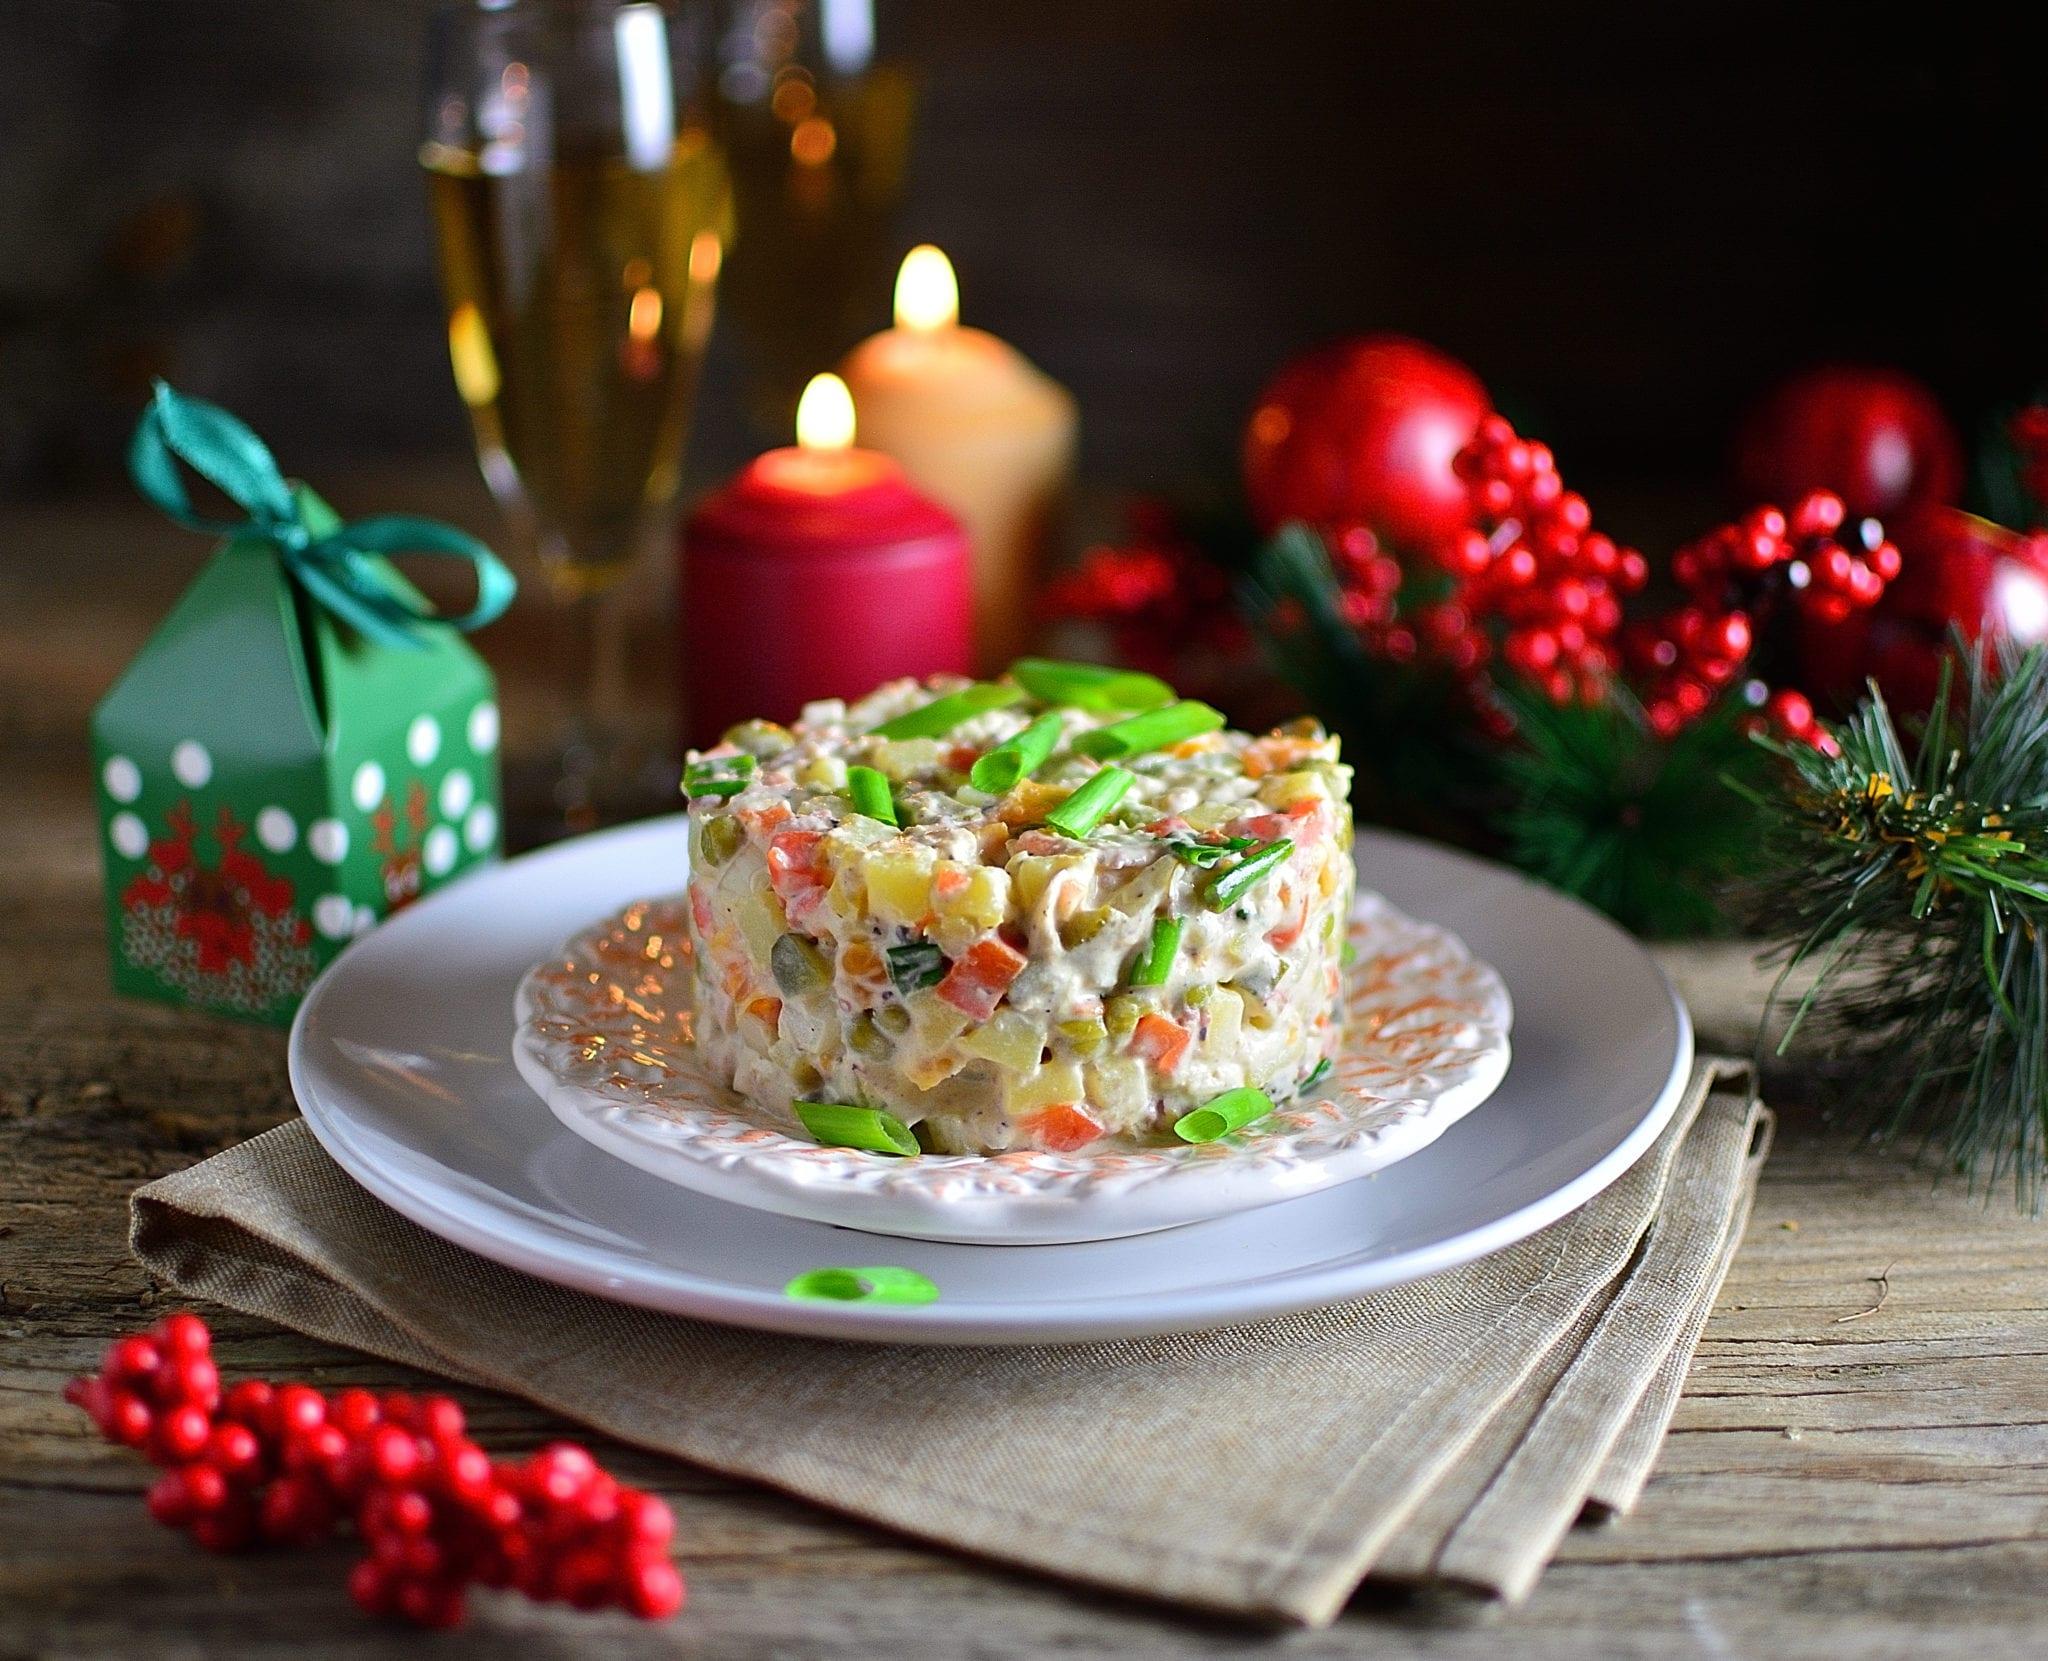 Топ самых вредных новогодних блюд, которые тверитянам лучше не есть